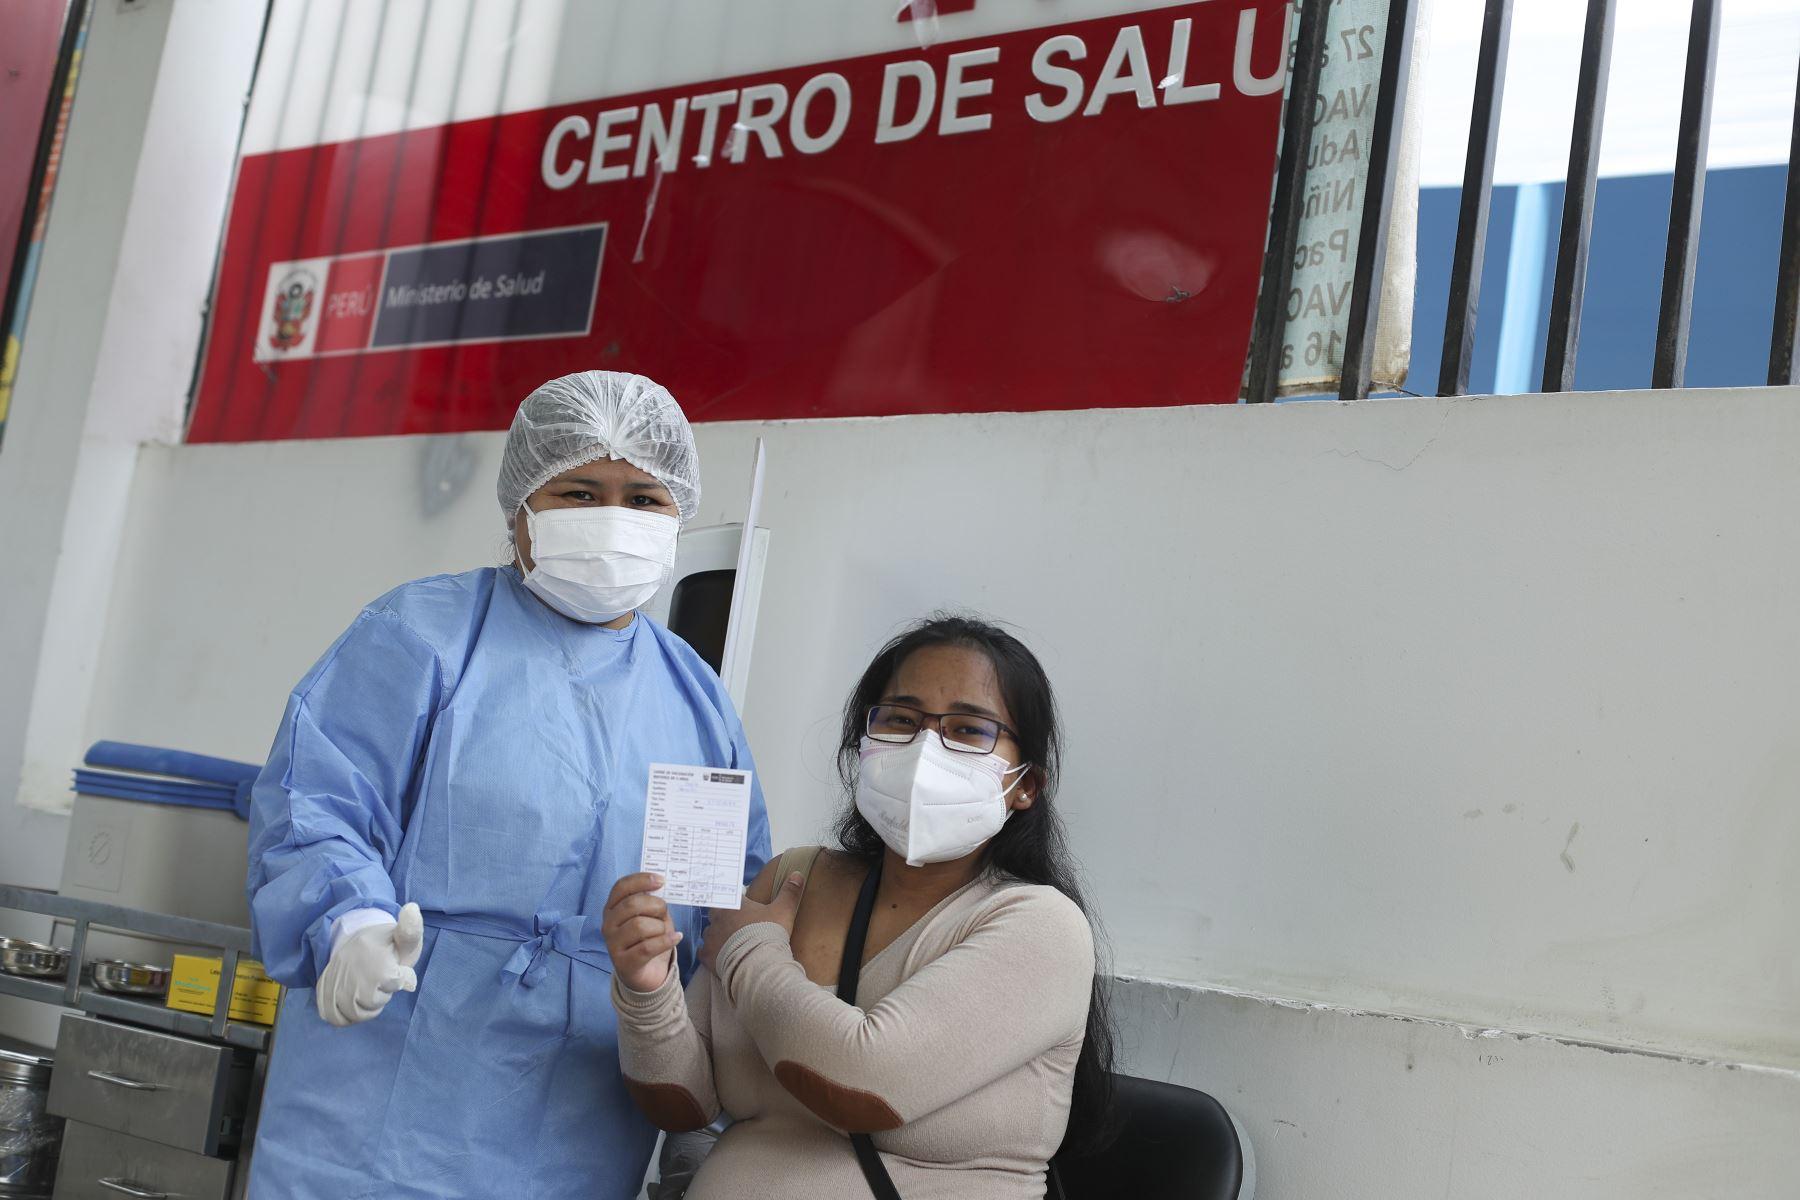 Así se desarrolla la vacunación contra la covid-19 en el Centro de Salud San Genaro de Chorrillos. Foto: ANDINA/Carla Patiño